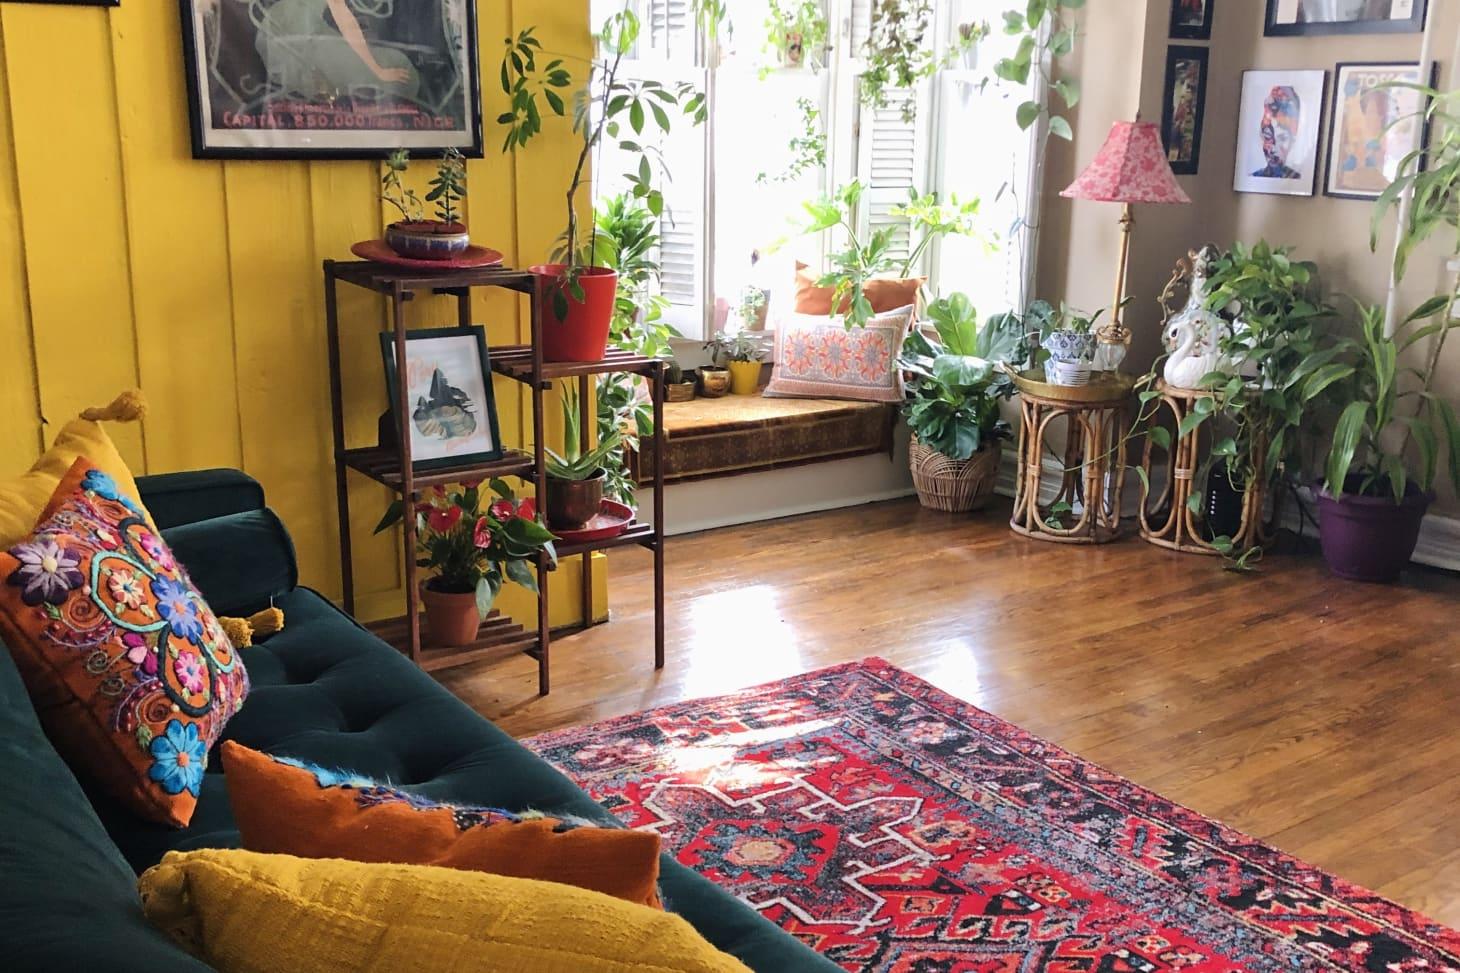 Thiết kế nhà nhỏ 60m2  theo xu hướng sống xanh, phòng khách rộng mênh mông nhờ bí quyết xử lý những cánh cửa - Ảnh 1.